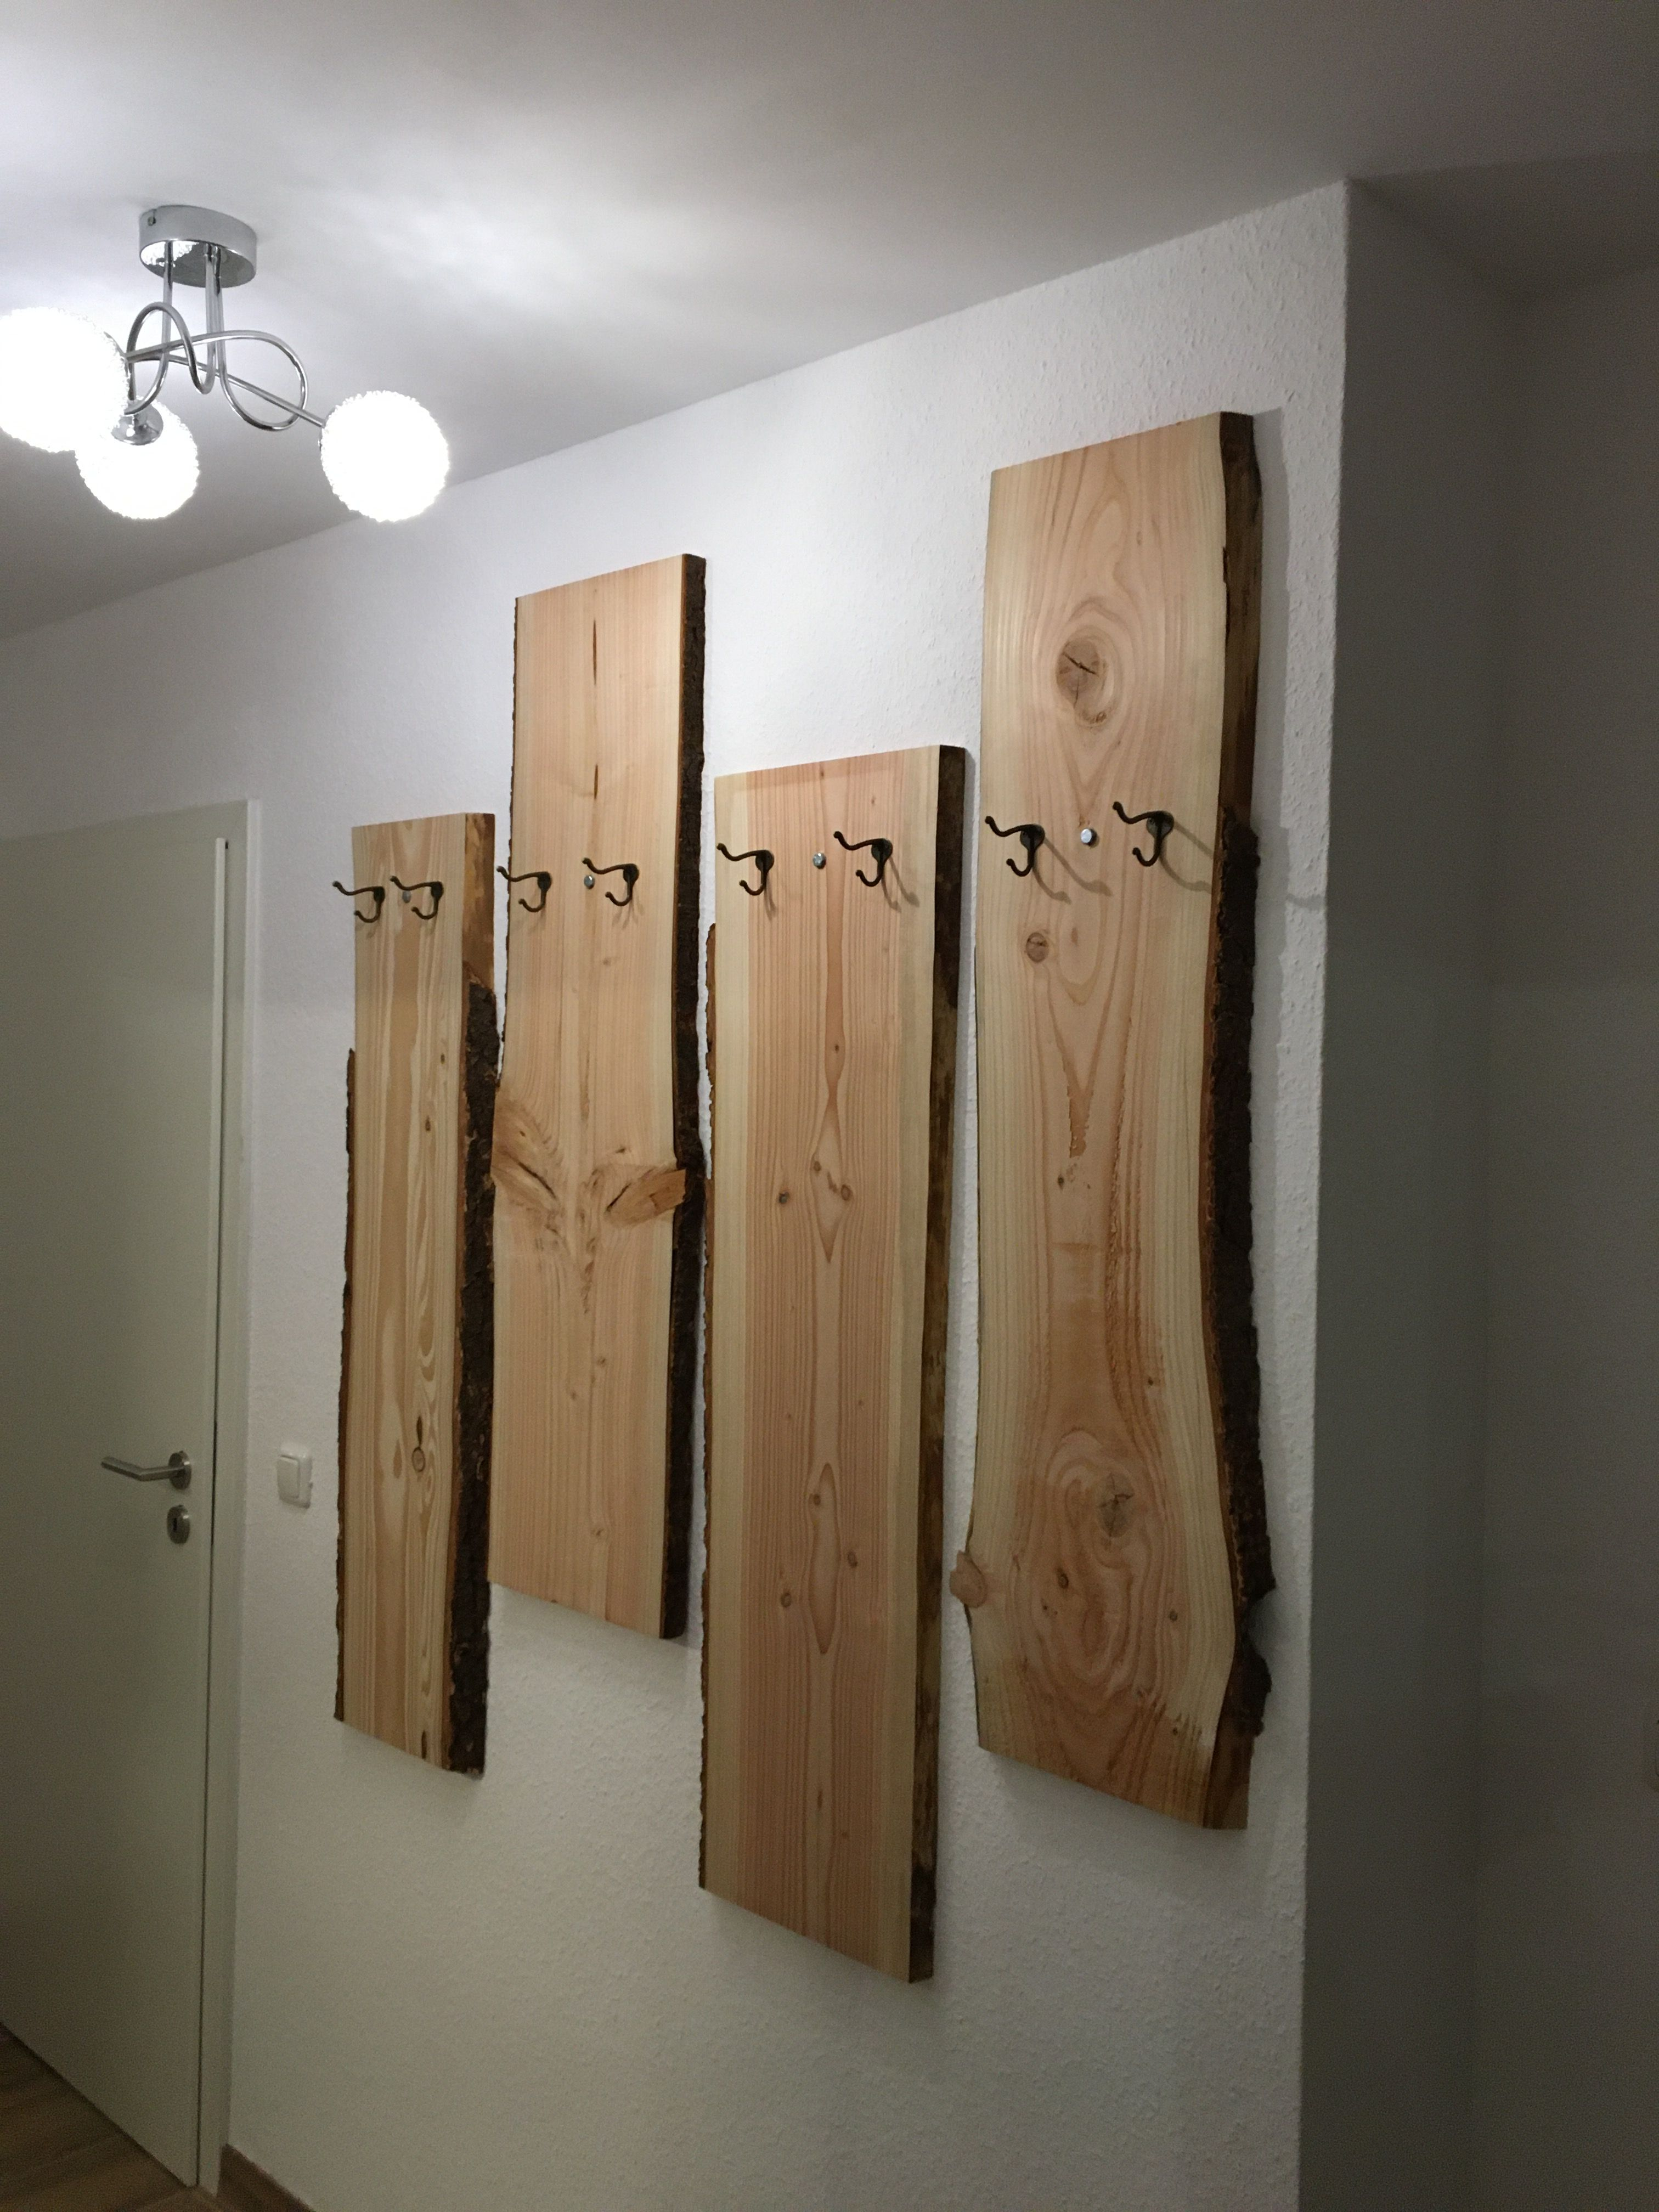 Garderobe Aus Holz Selbstgebaut Ganz Einfach In 2020 Garderobe Holz Garderobe Selber Bauen Eingangsbereich Einrichten